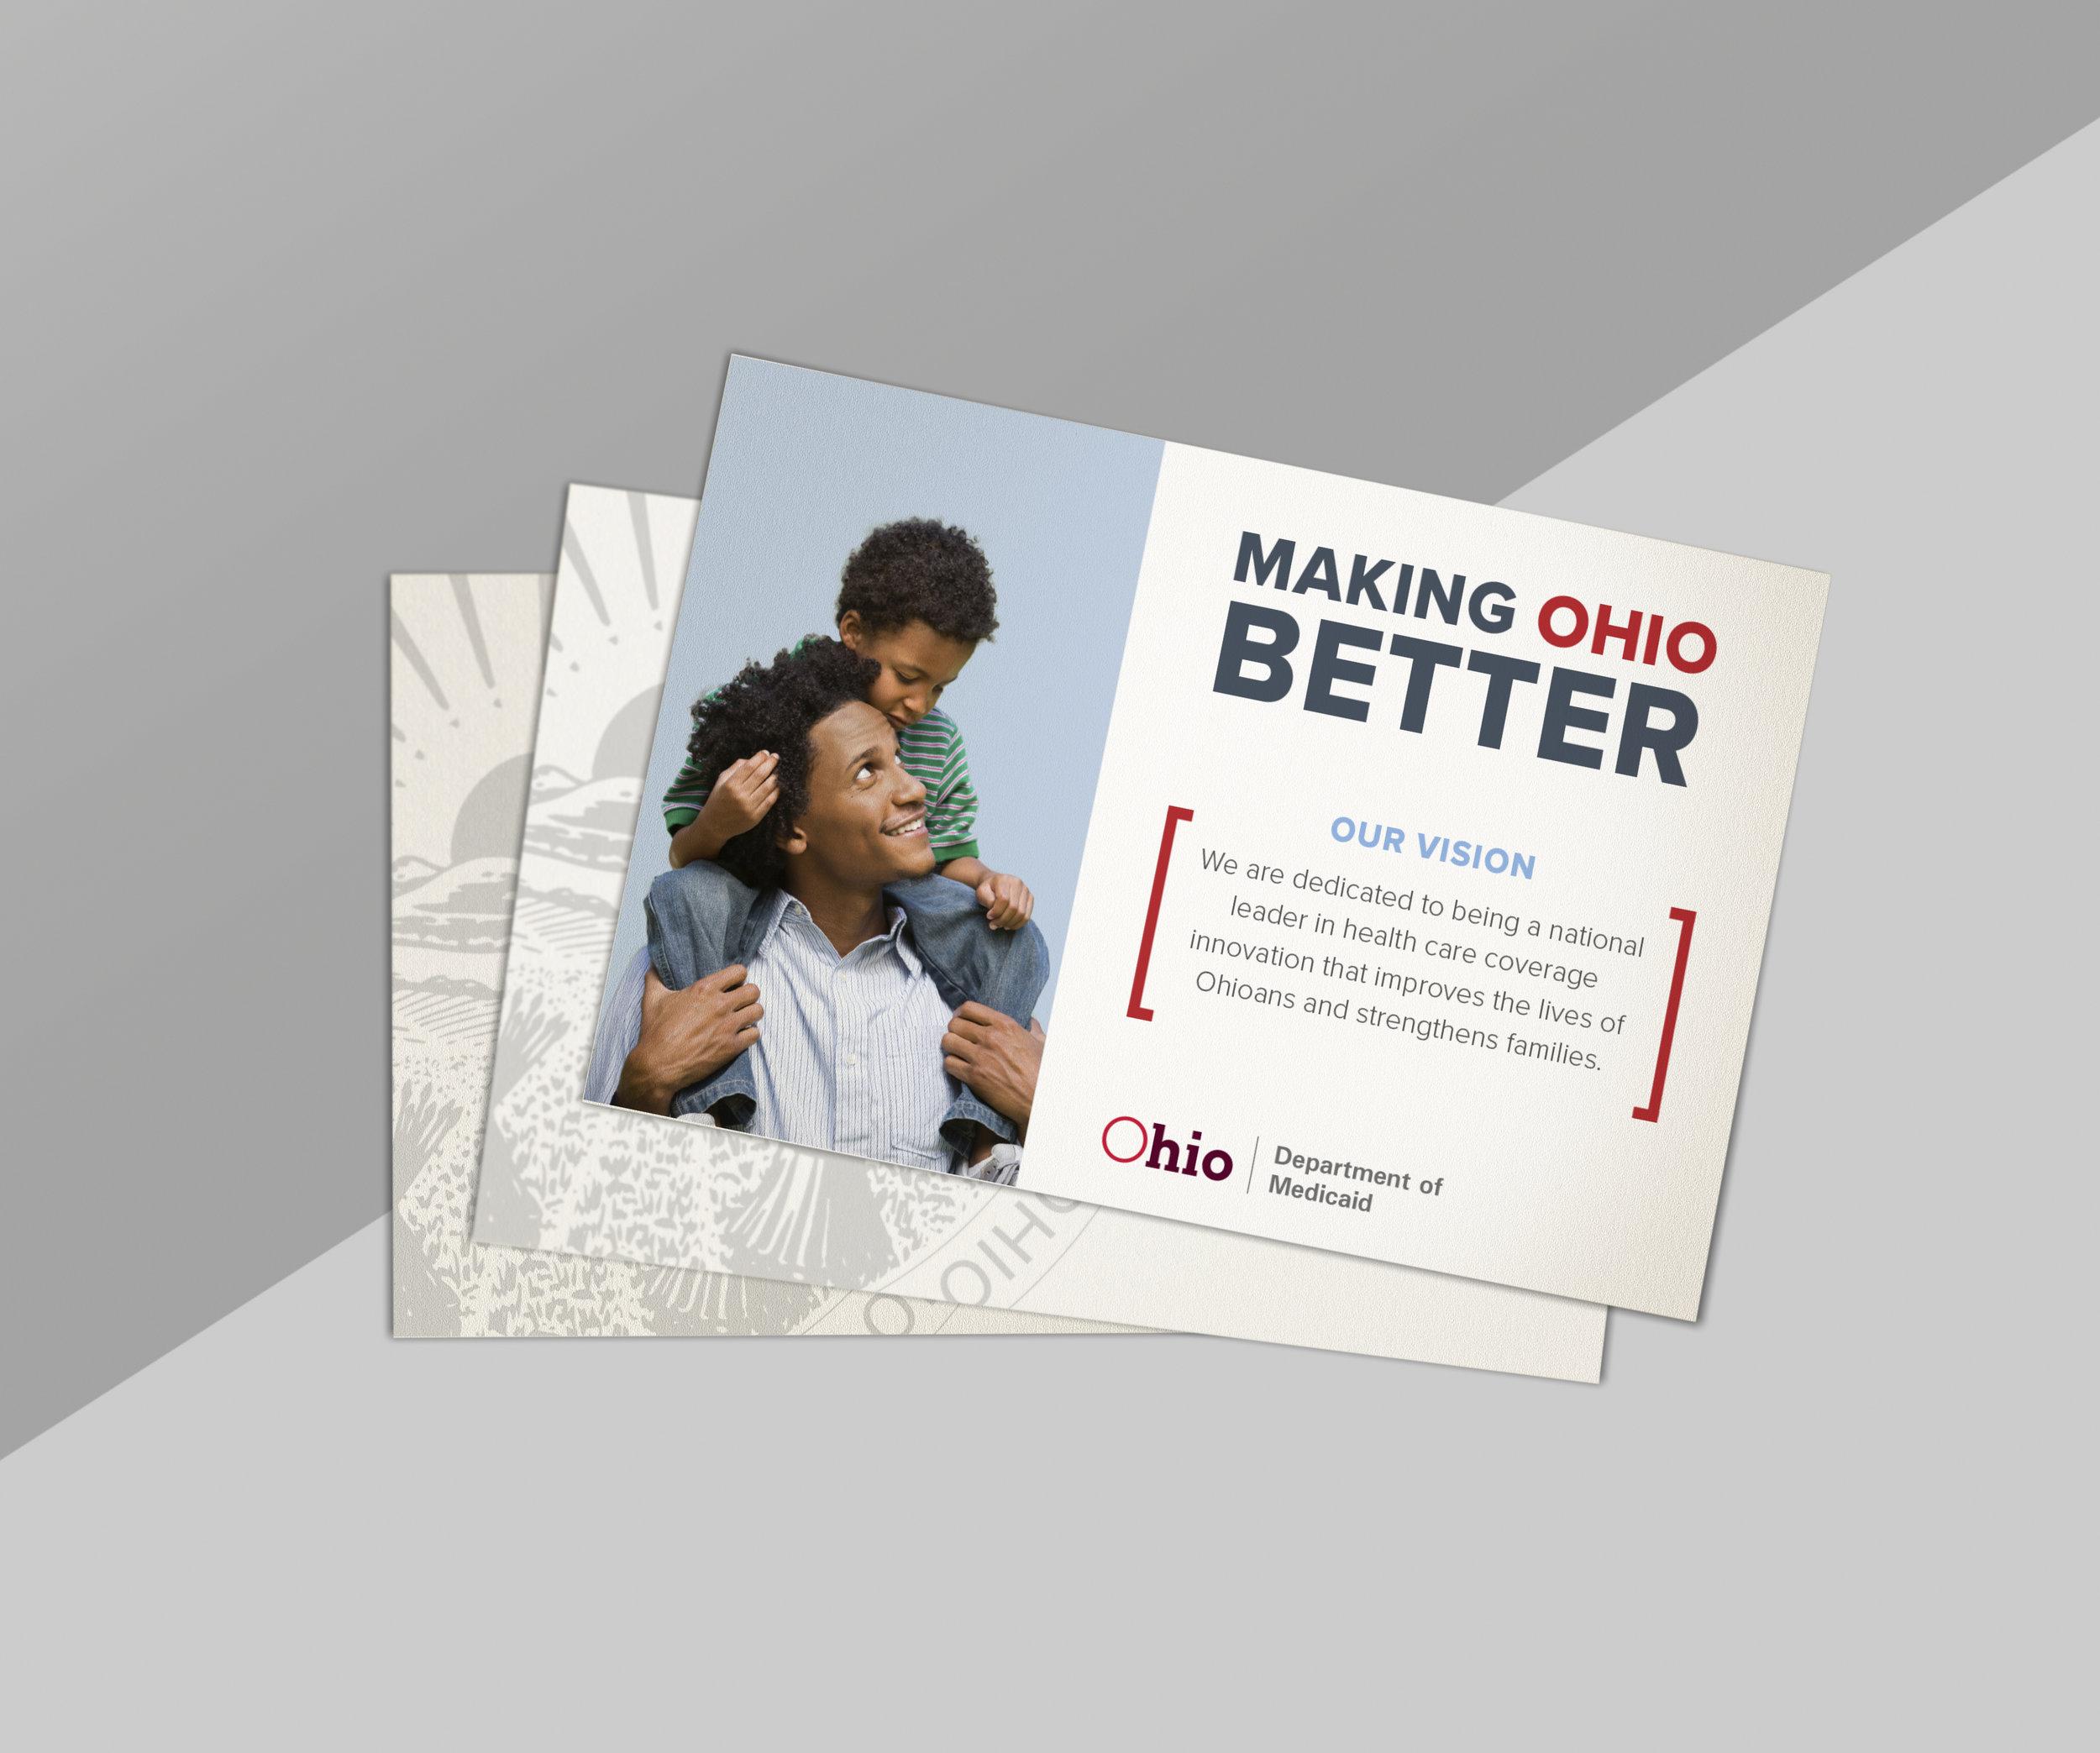 Postcard-Making Ohio Better.jpg